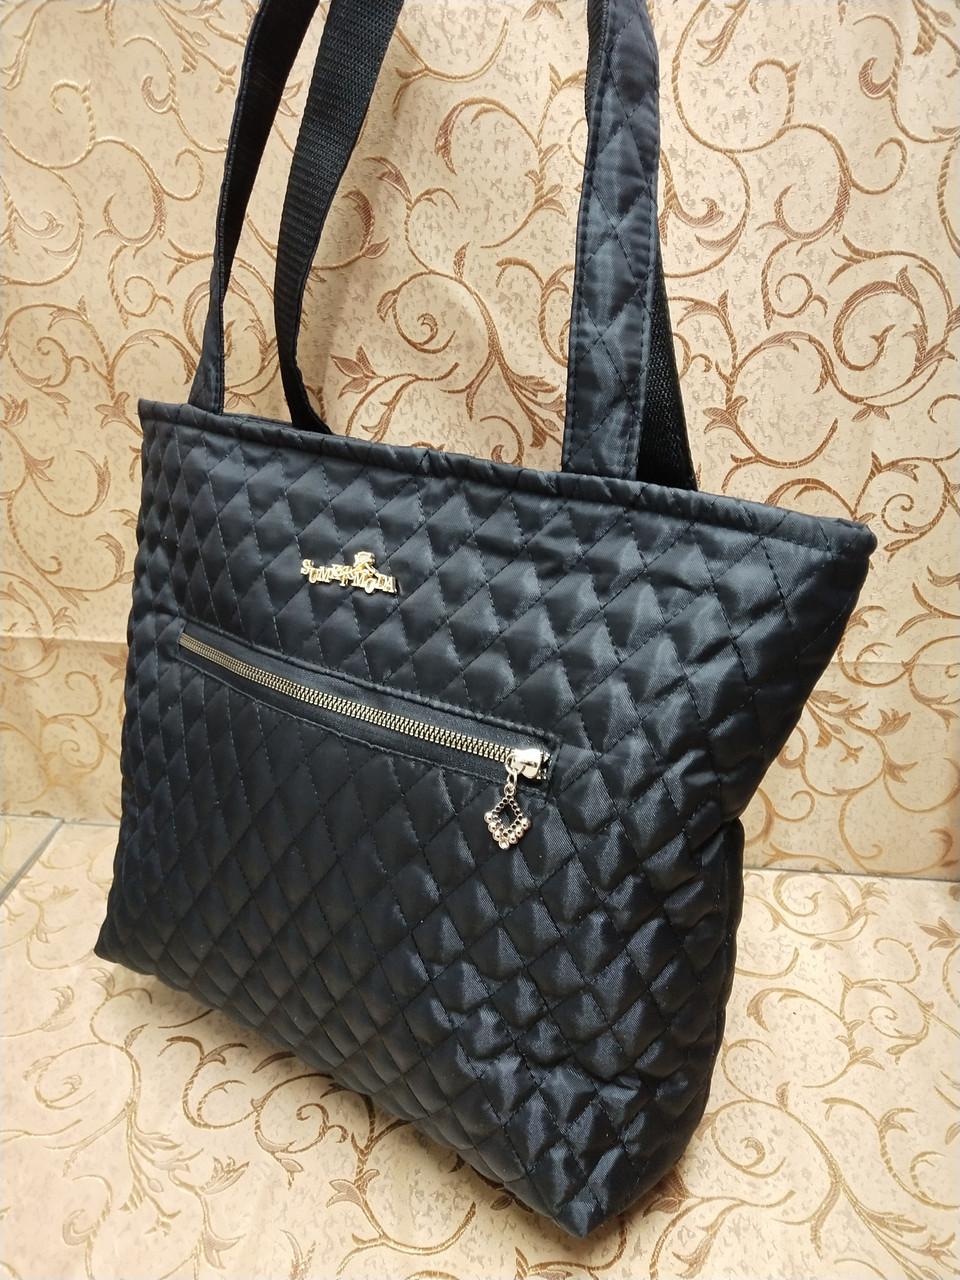 66c8bb6e57b9 Женские сумка стеганная cтильная SUMKI MODA Дутая Сумка женская спортивная  только оптом